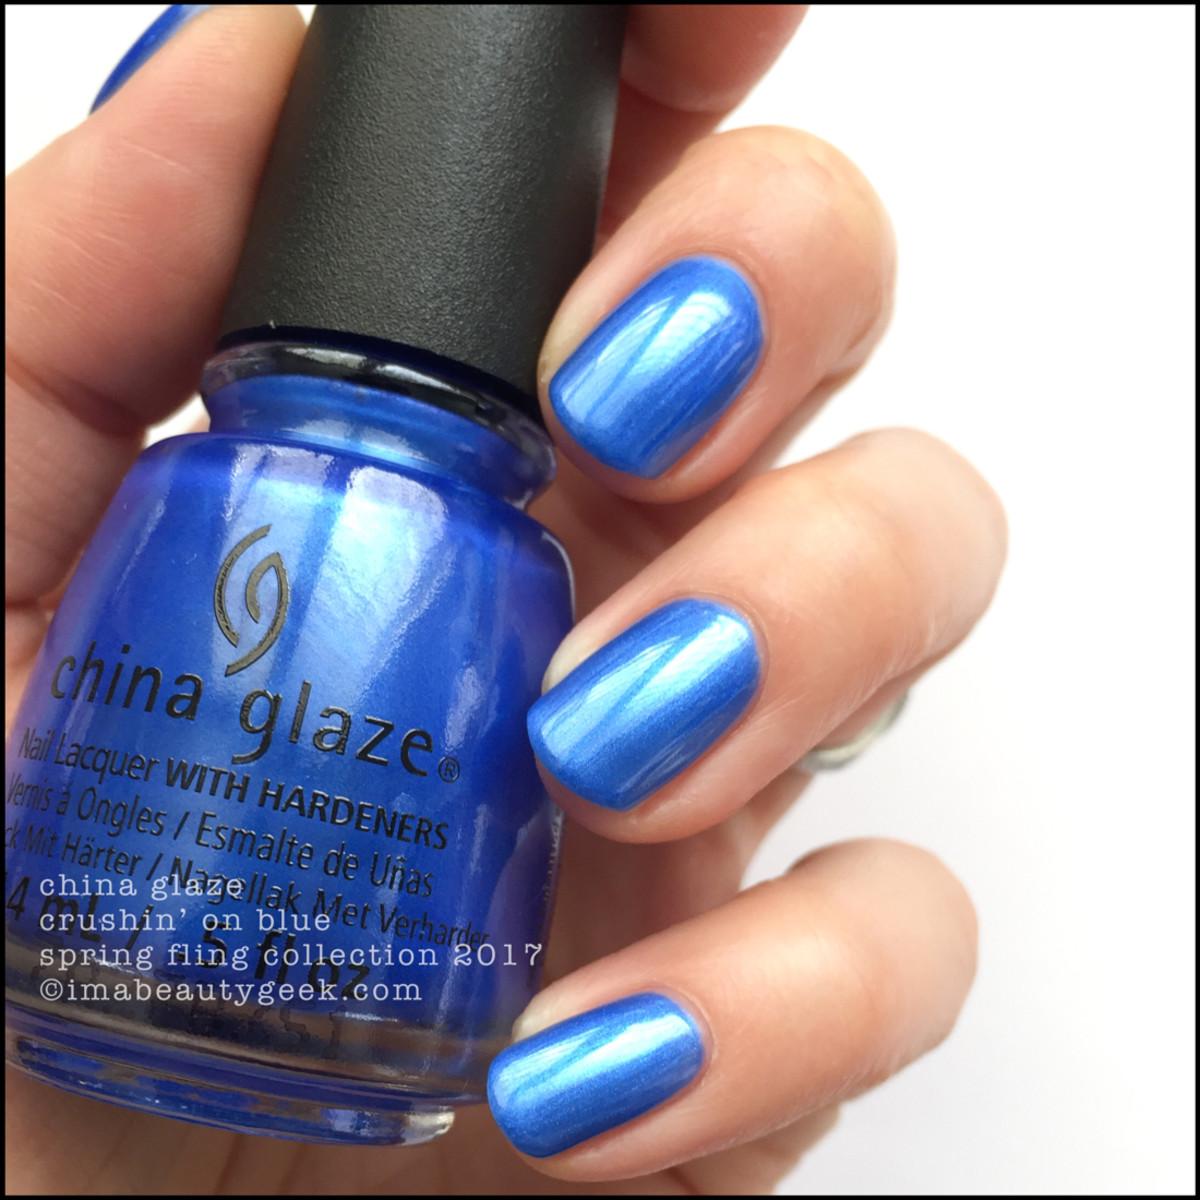 China Glaze Spring Fling 2017_China Glaze Crushin on Blue 1